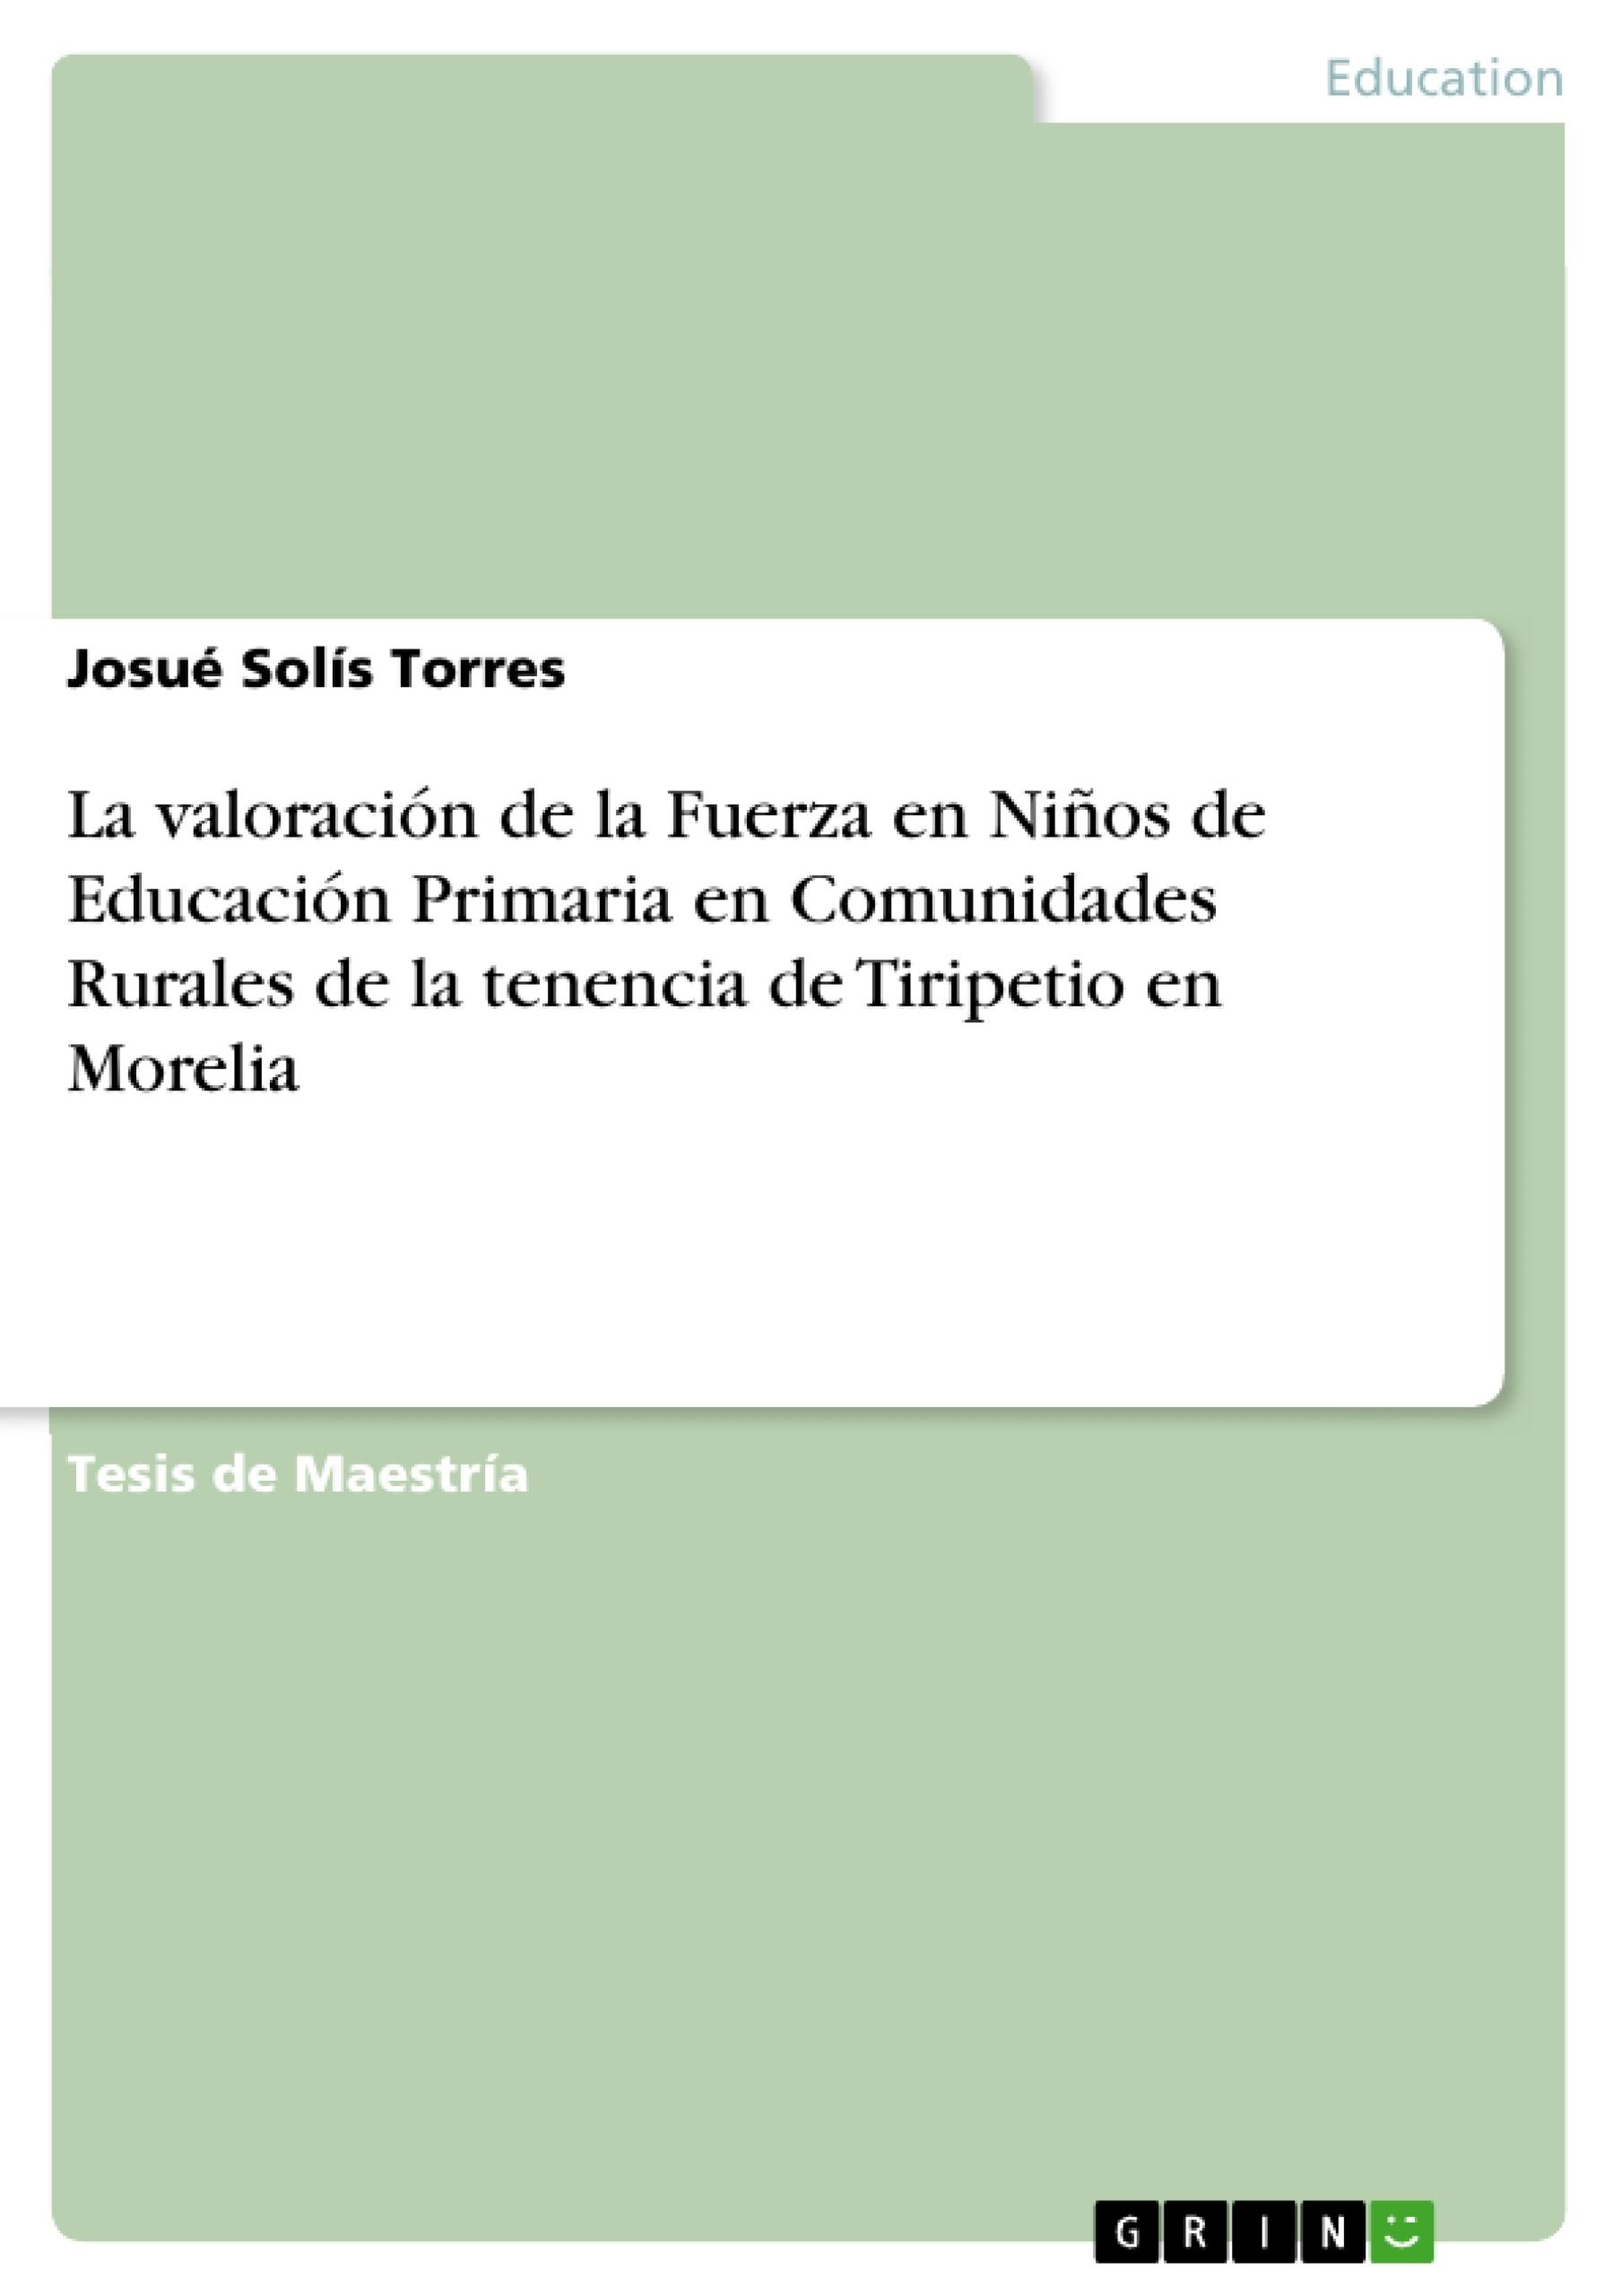 Título: La valoración de la Fuerza en Niños de Educación Primaria en Comunidades Rurales de la tenencia de Tiripetio en Morelia